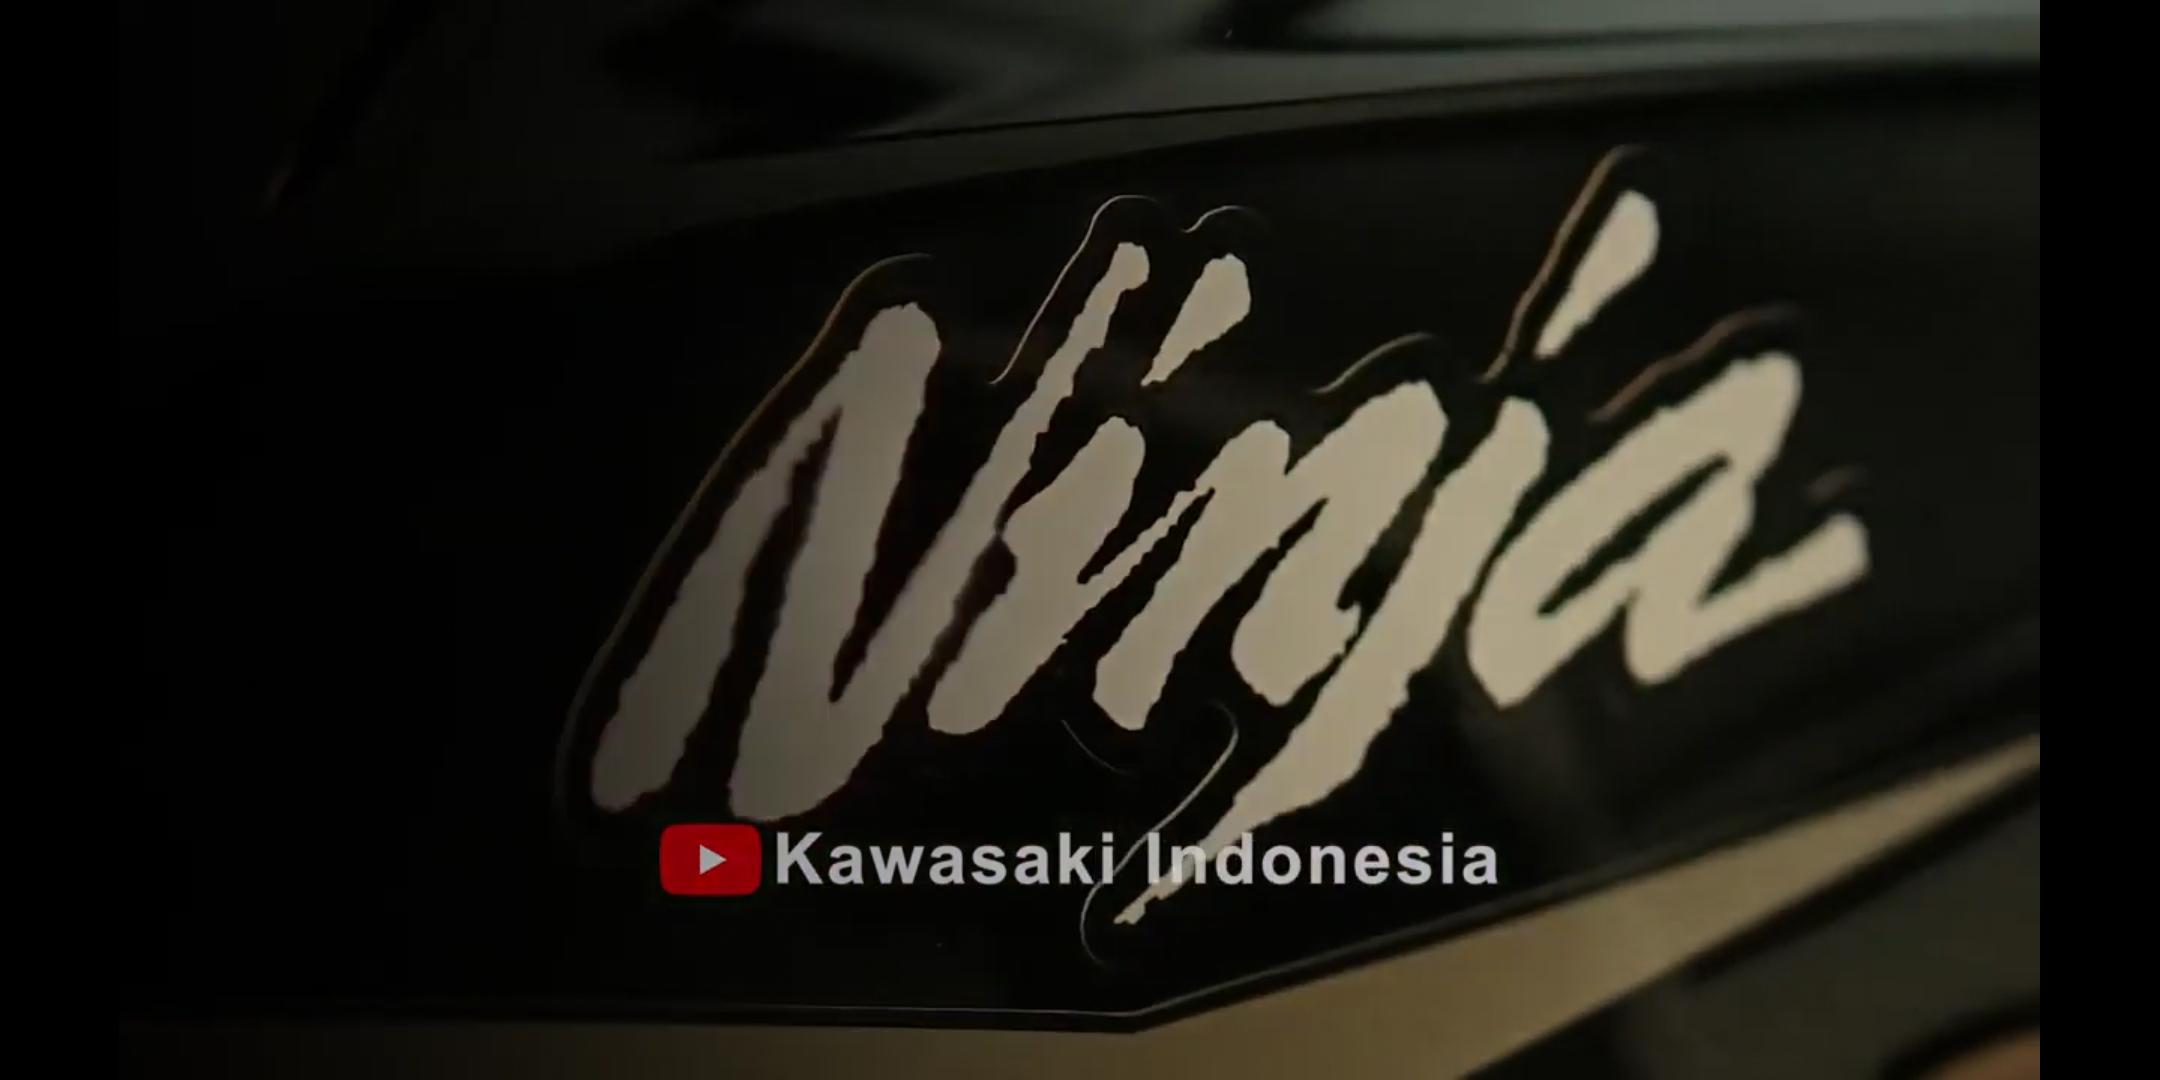 Kawasaki(カワサキ) 謎のティザーを公開し削除!4気筒250ccモデルか⁉